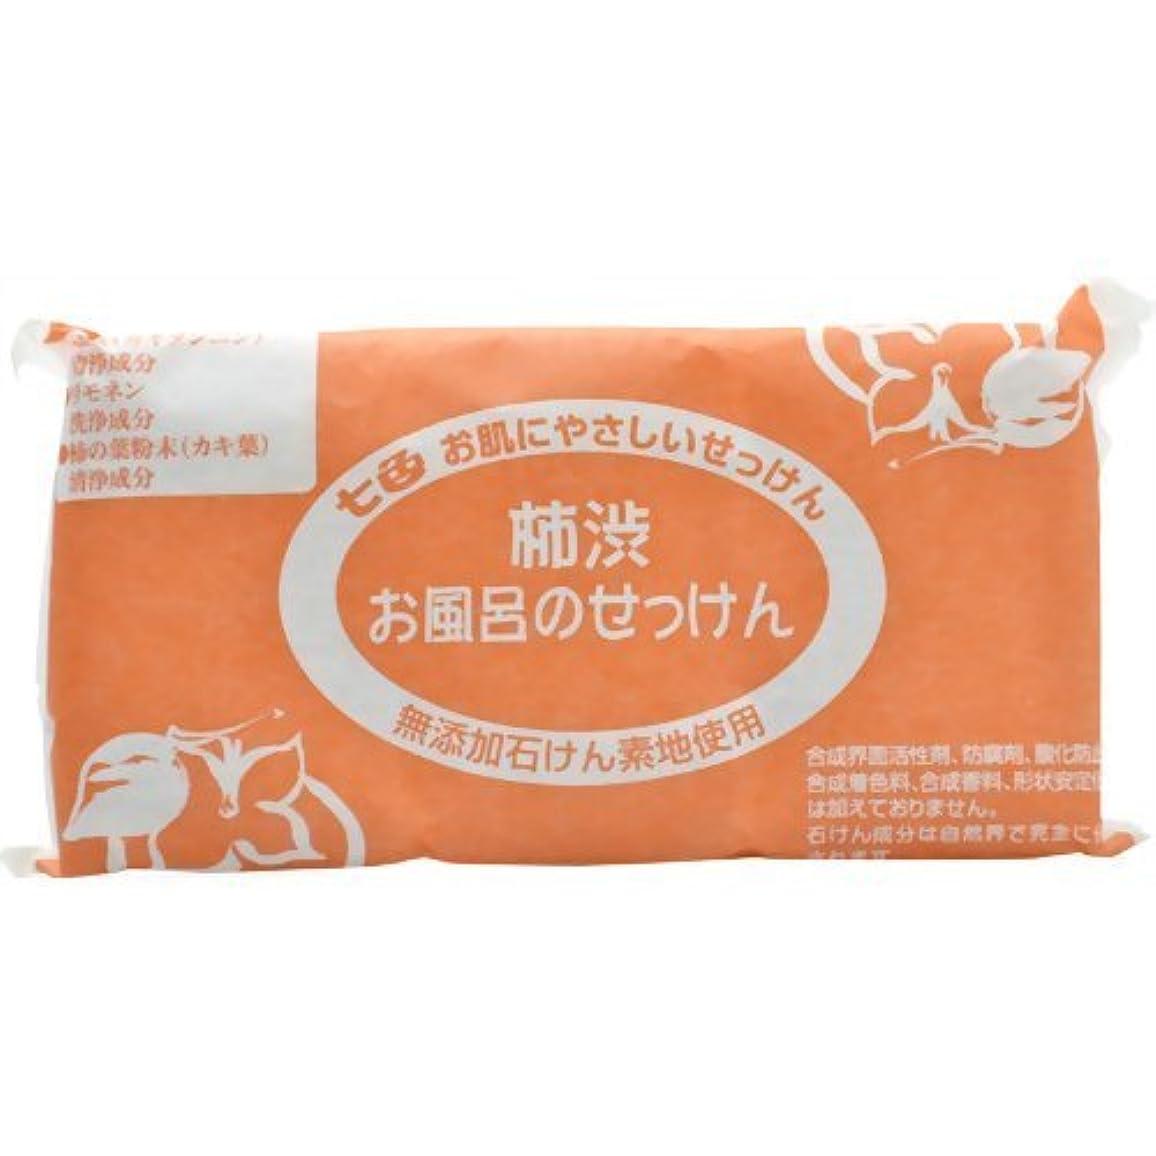 血まみれの拳あいまいさ七色 お風呂のせっけん 柿渋(無添加石鹸) 100g×3個入